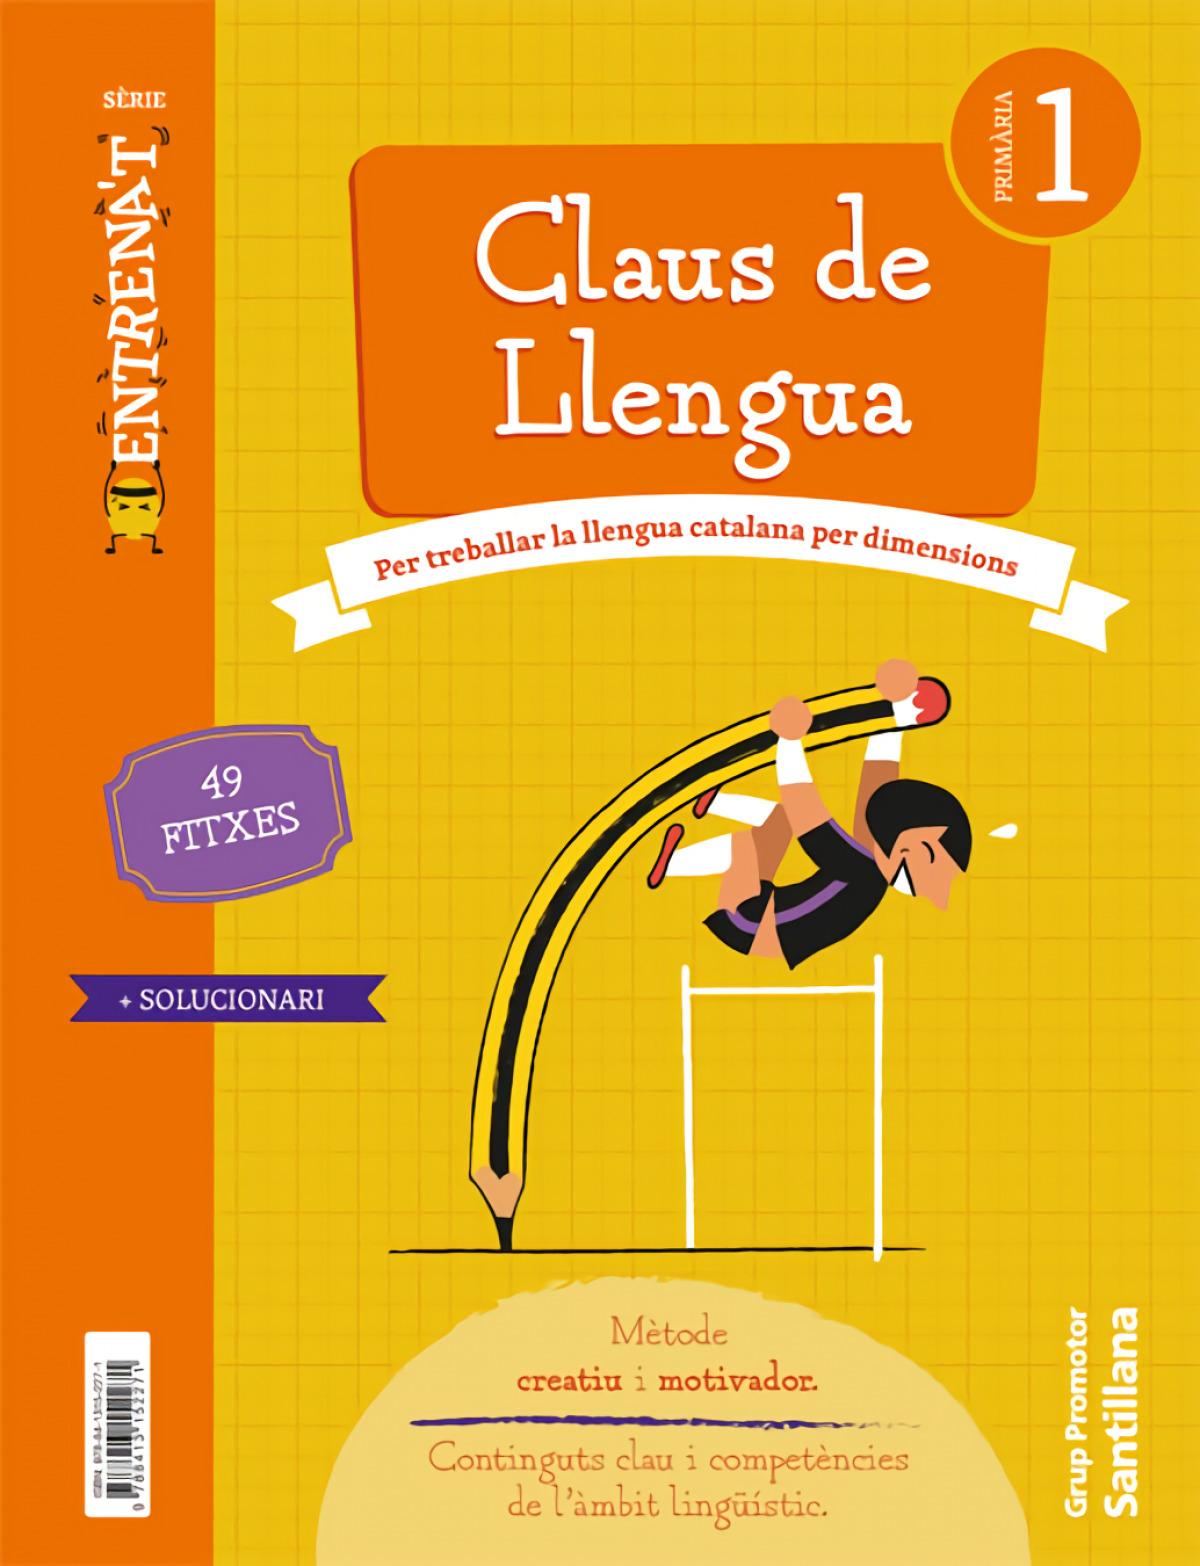 QUADERN CLAUS DE LLENGUA SERIE ENTRENAT 1 PRIMARIA